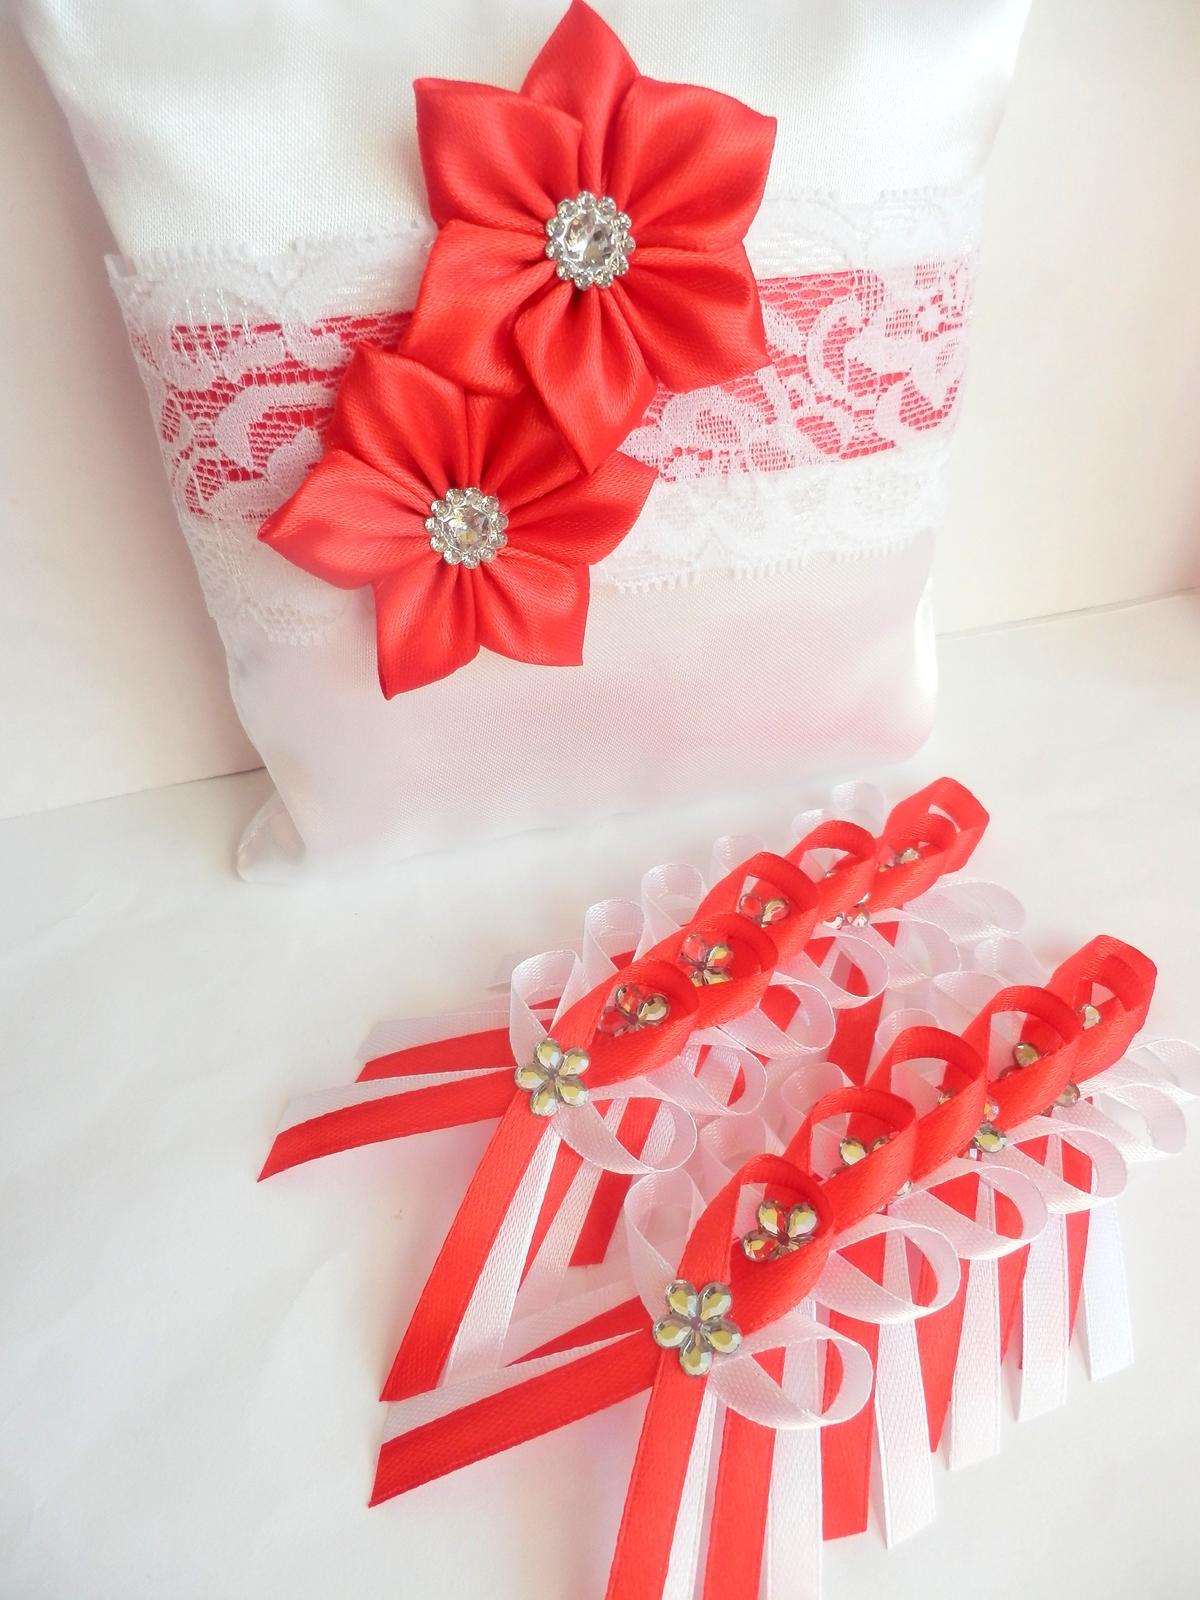 Svatební vývazky, podvazky, polštářky, náramky... - Obrázek č. 10